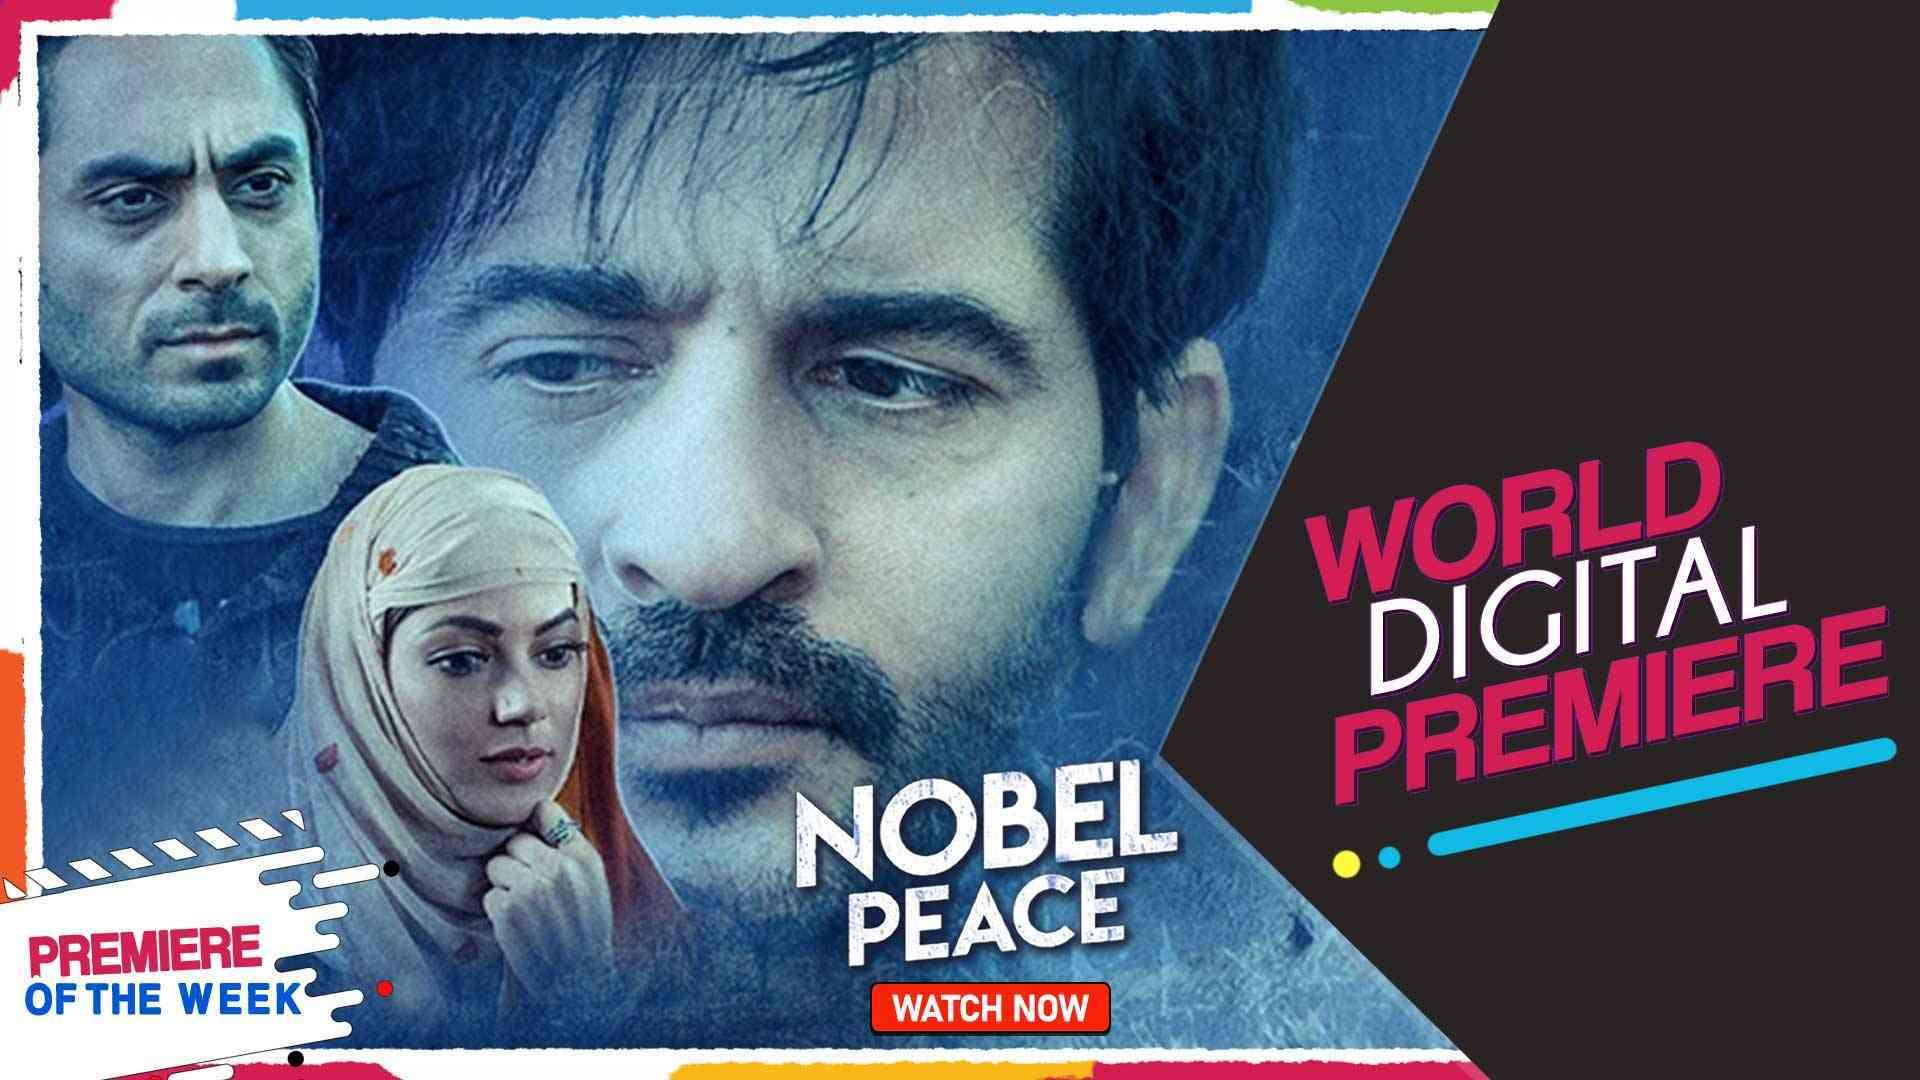 Nobel Peace